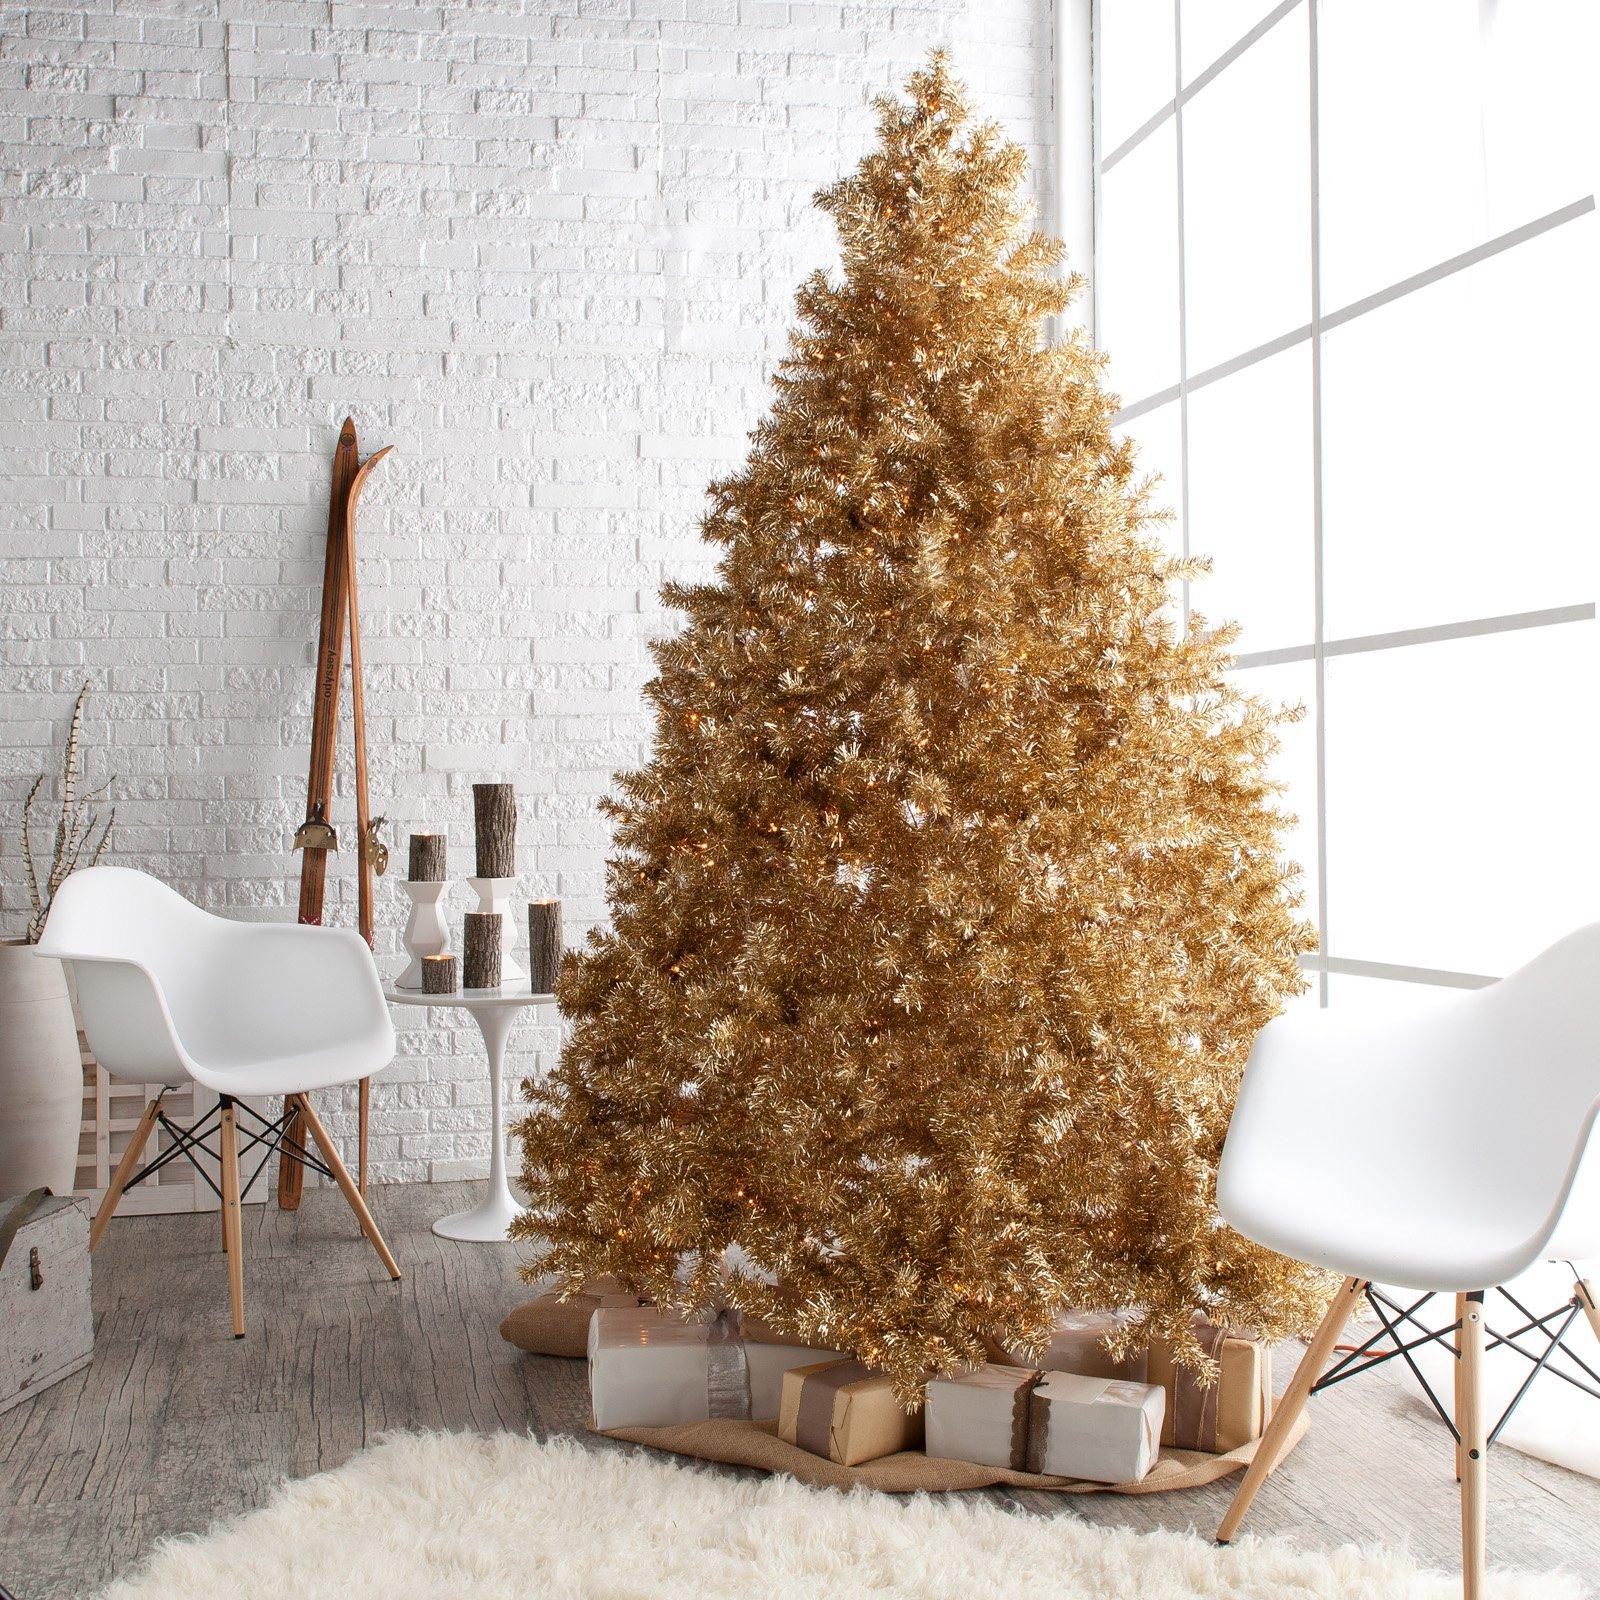 Pinos navideños en color dorado